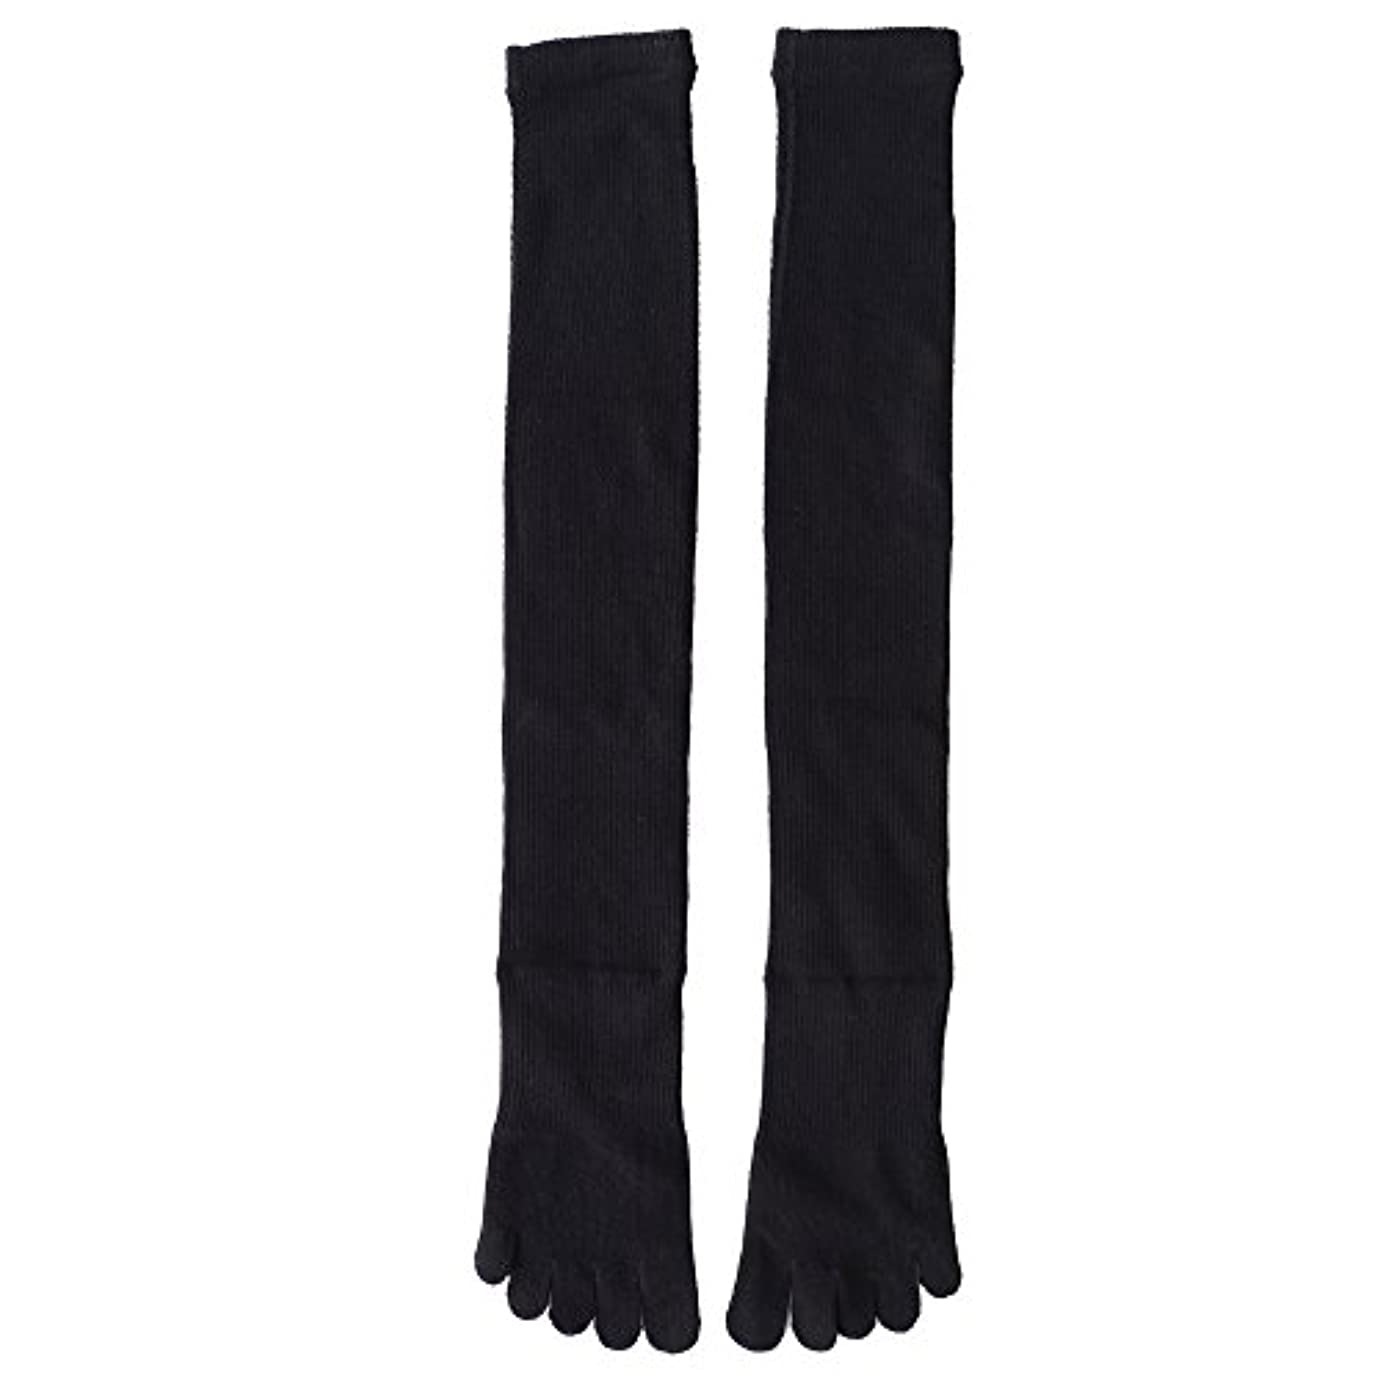 ウナギ創始者感謝している日本製靴下 5本指 着圧オーバニーハイソックス